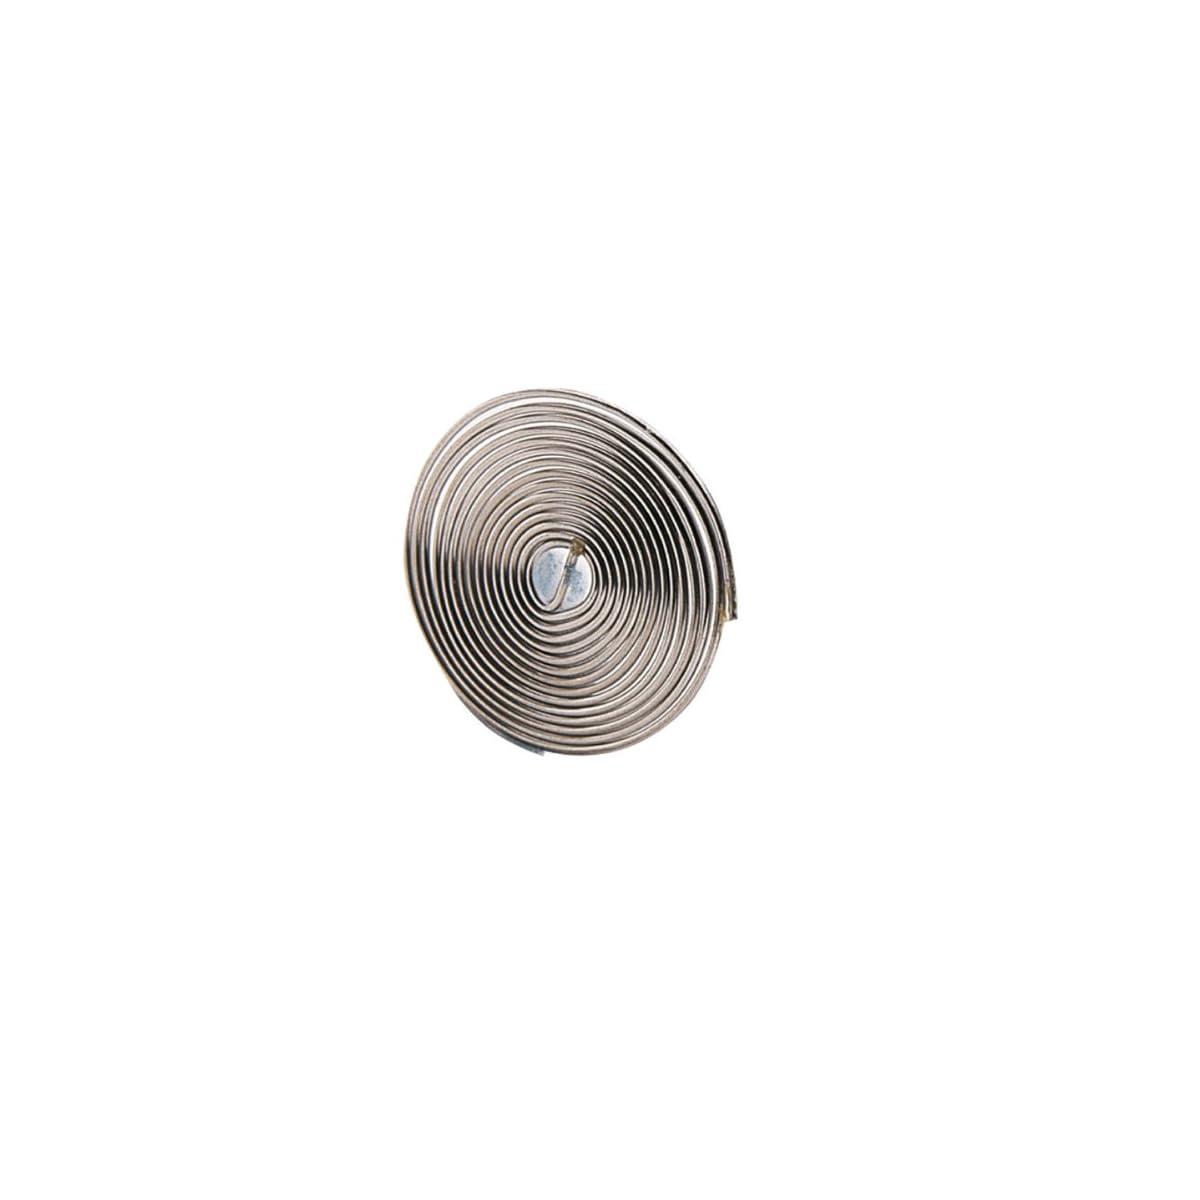 51Do2lWHCwL. SS1200  - Duolec 1340B - Dos rollitos de estaño 30% 1 mm Duolec